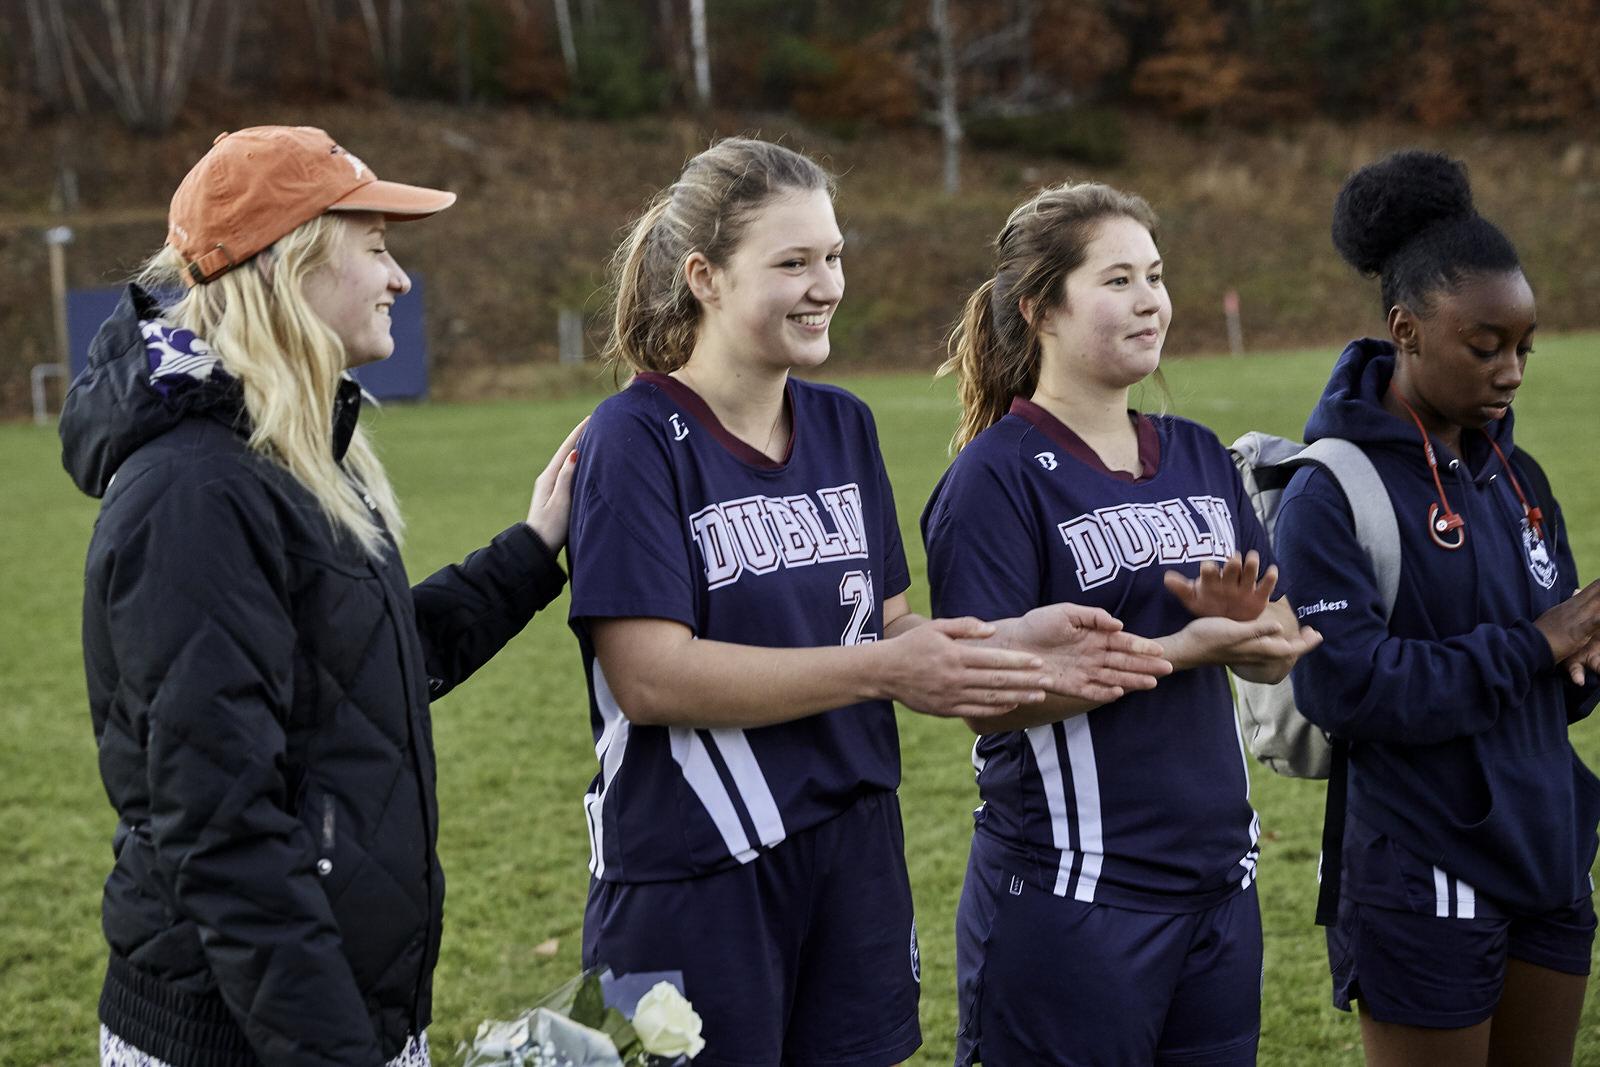 Girls Varsity Soccer vs. White Mountain School - November 7, 2018 - Nov 07 2018 - 0057.jpg